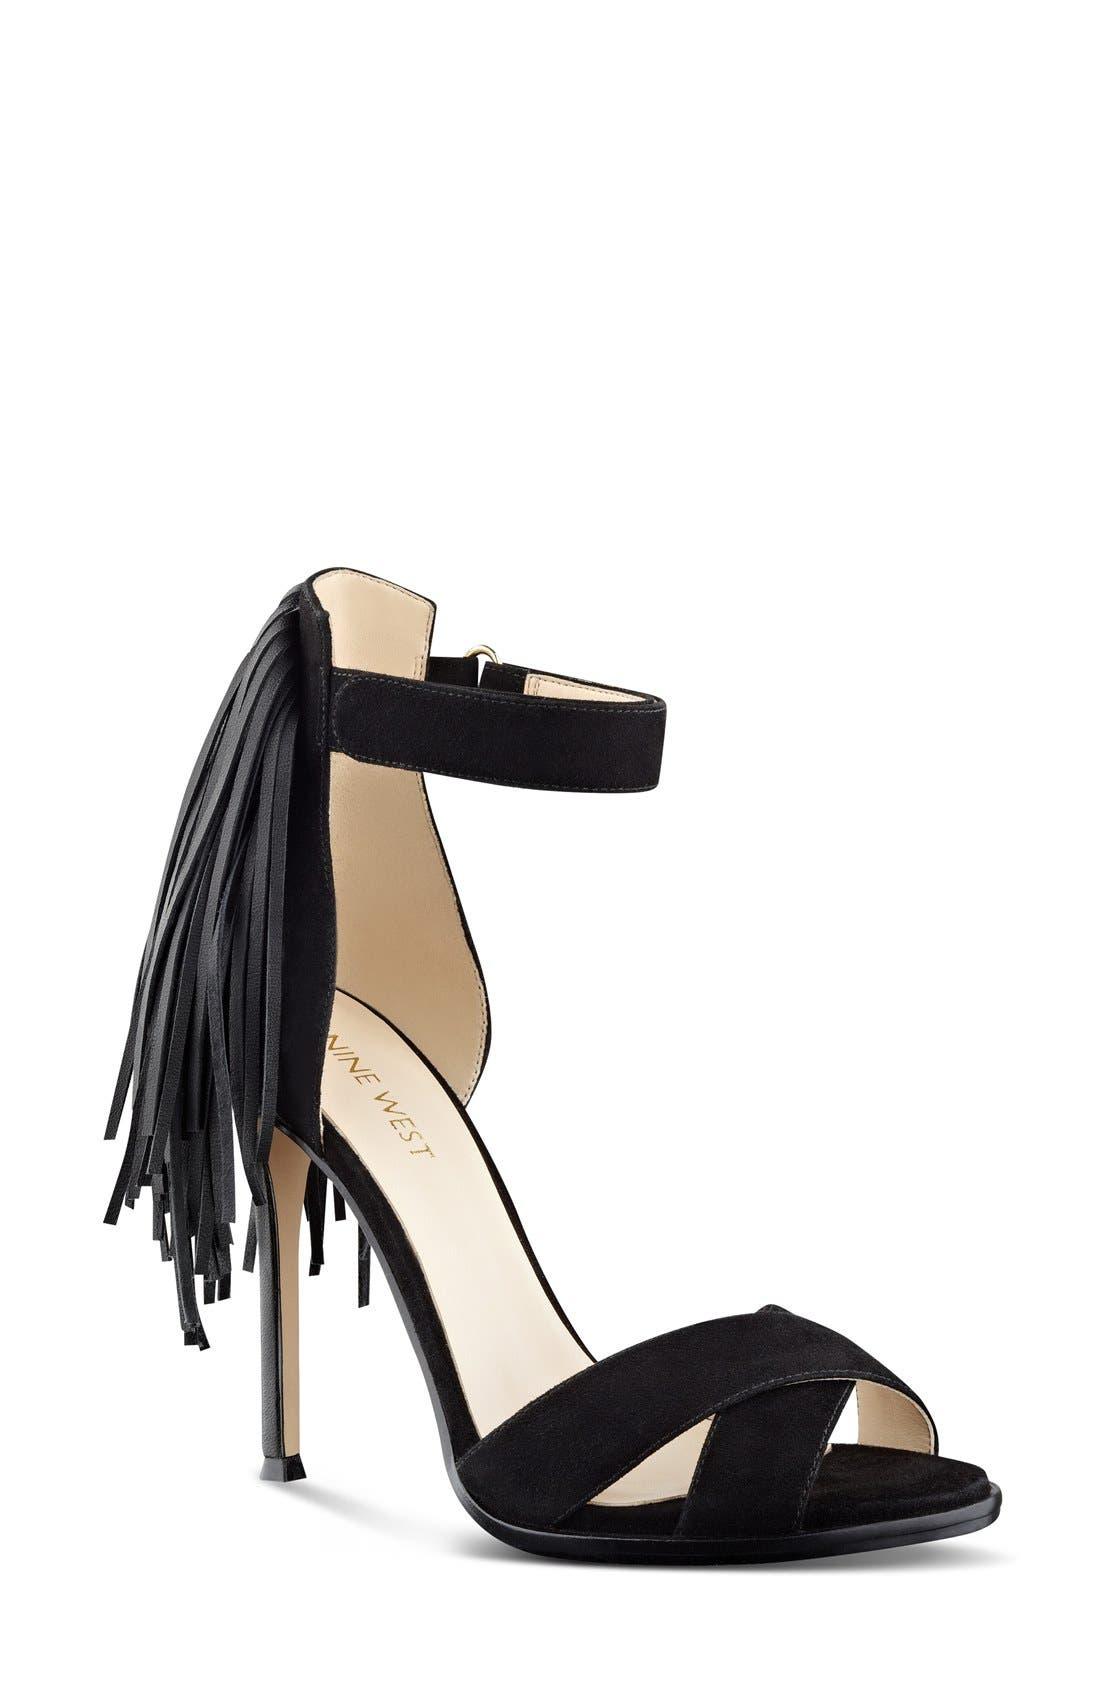 Main Image - Nine West 'Hustle' Fringe Ankle Strap Sandal (Women)